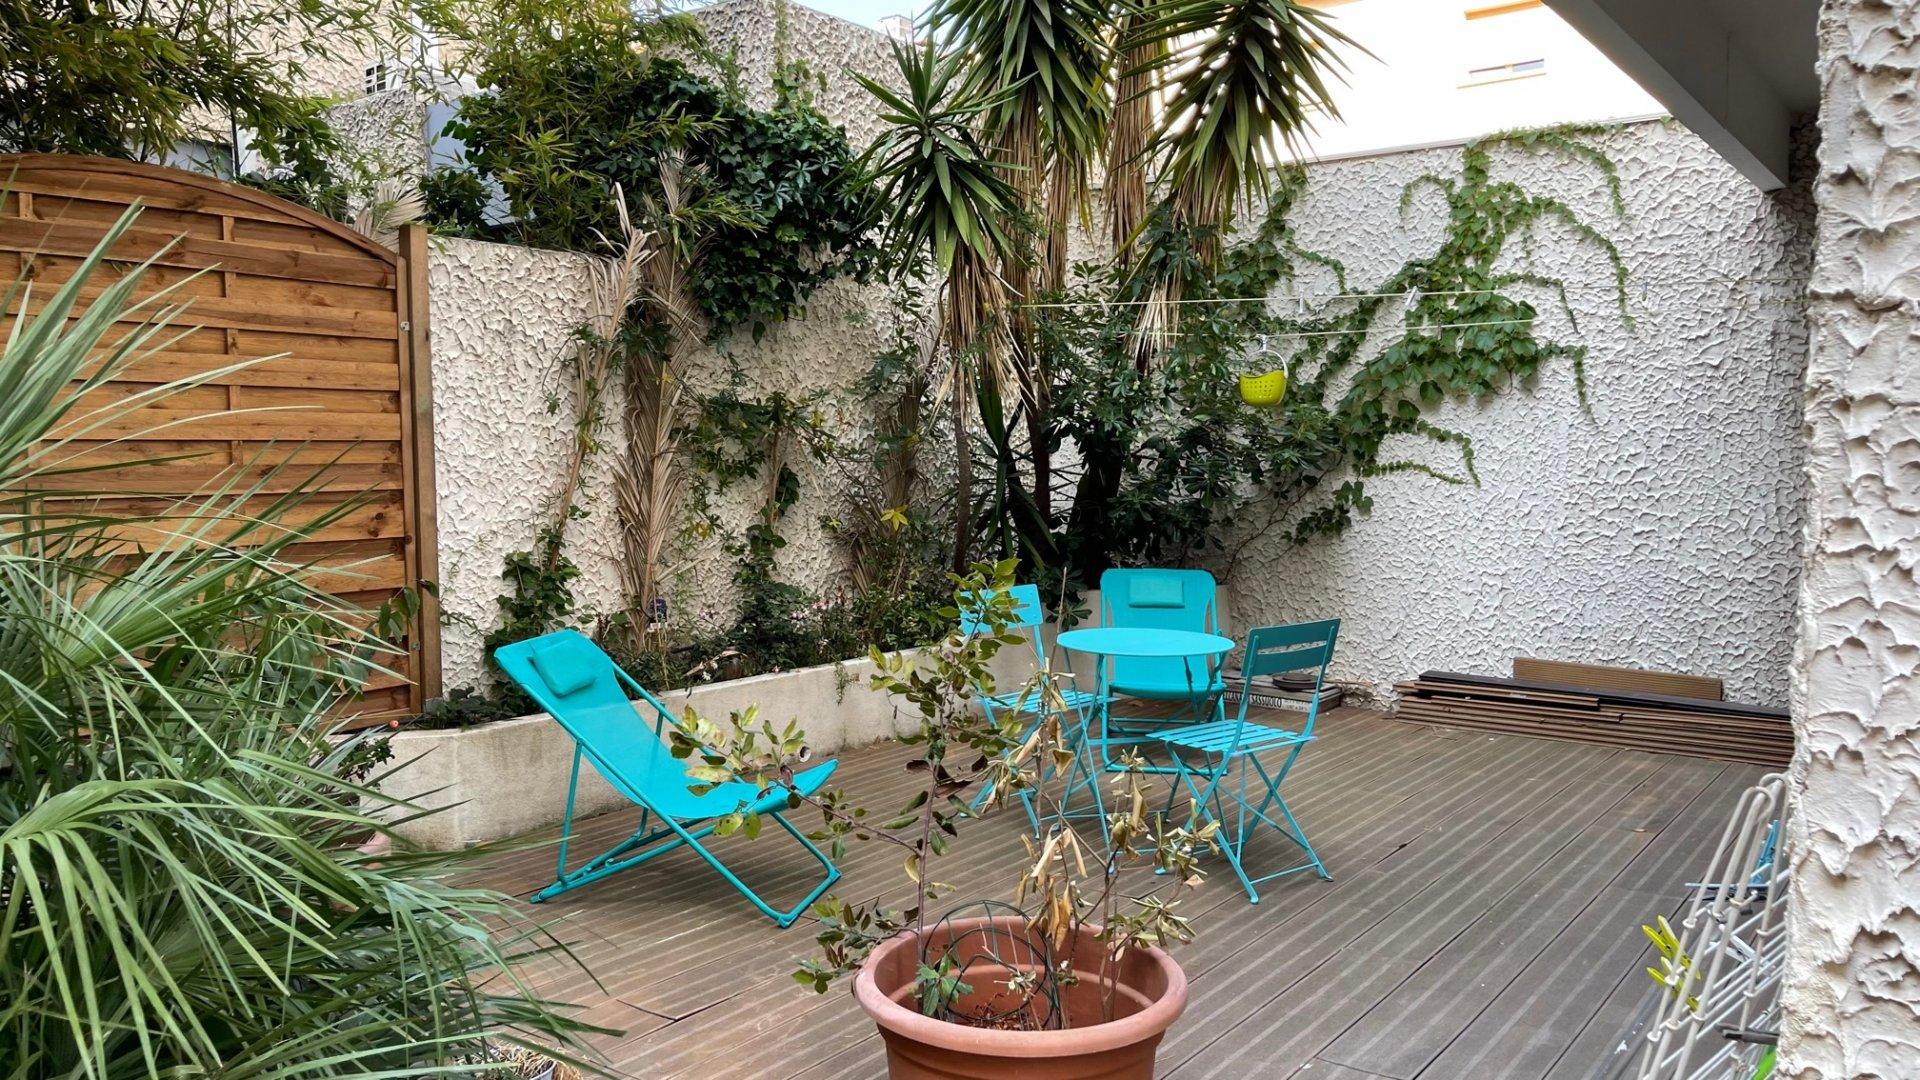 Affitto stagionale Appartamento - Cannes Midi